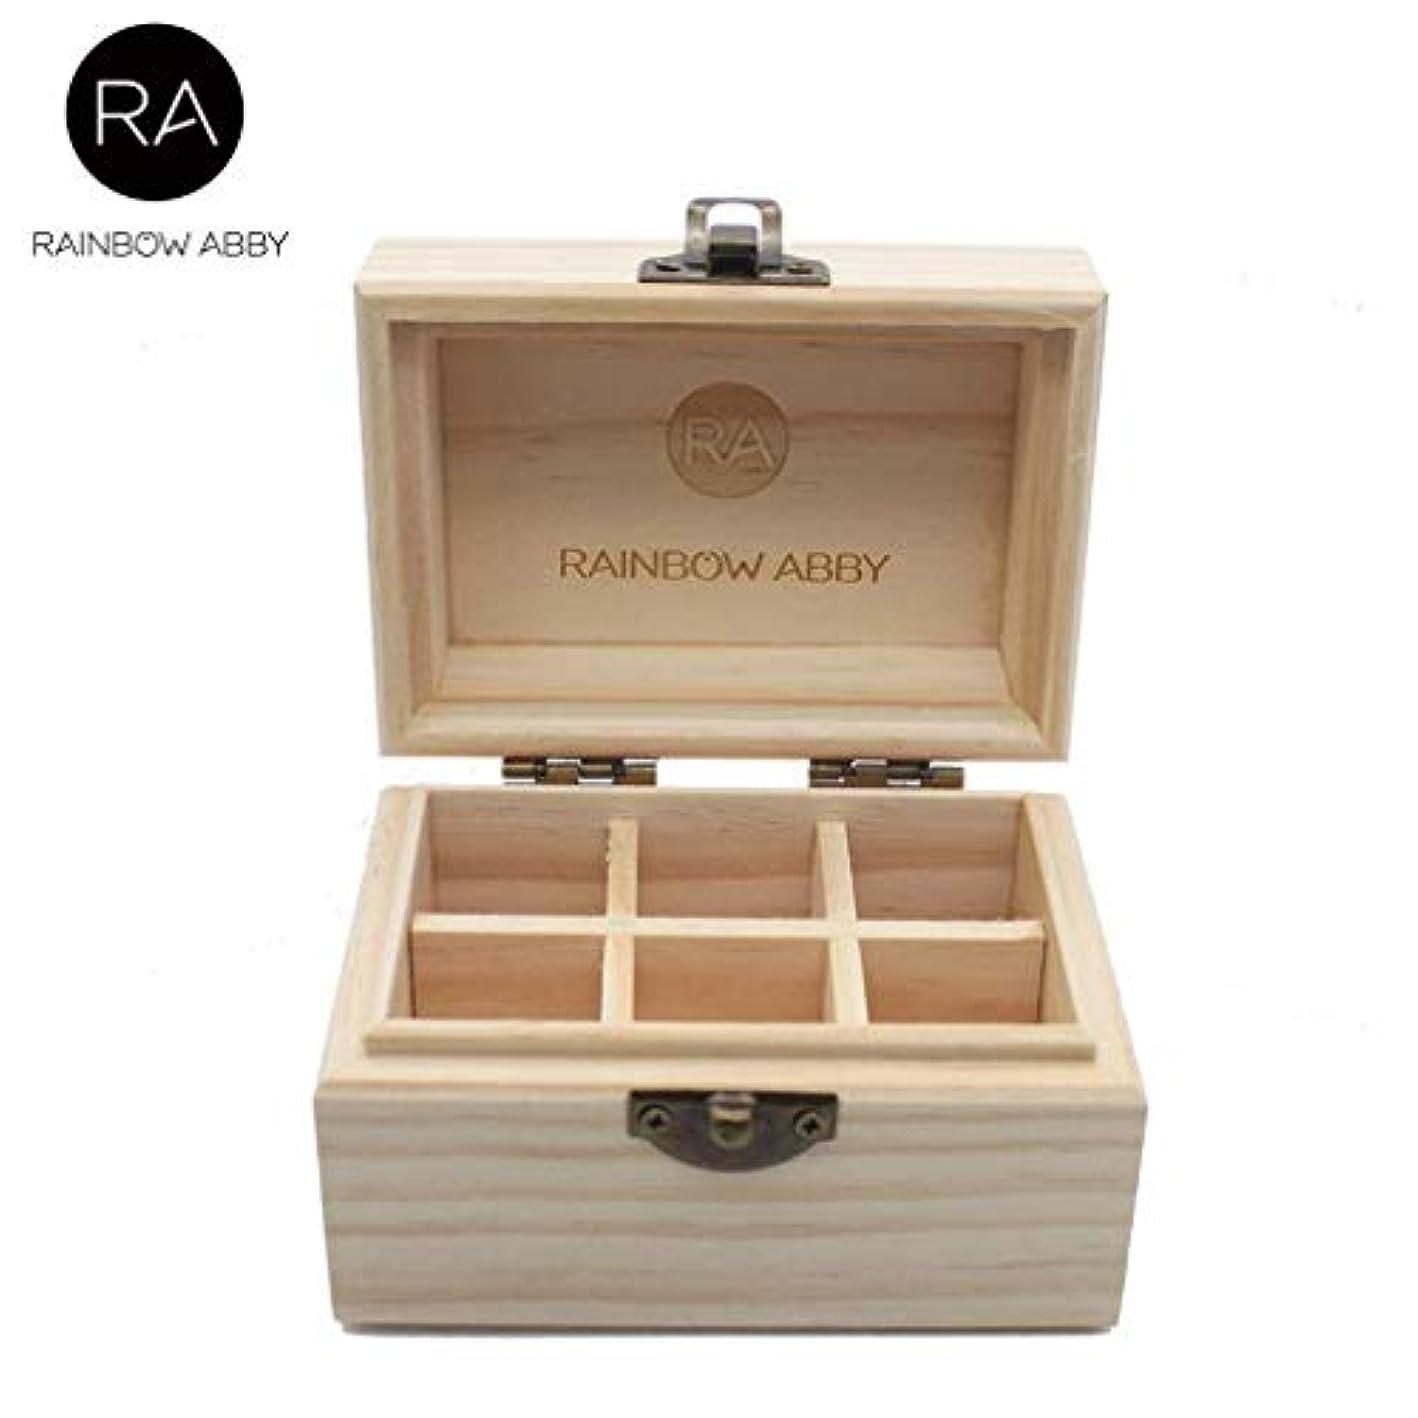 RAINBOW ABBY エッセンシャル オイル 収納 ボックス 5ml 10ml 15ml 6本 ボトル 用 完璧な エッセンシャル オイル ホルダー オーガナイザー パインウッド キャリング ケース 旅行/ギフト、4.3...